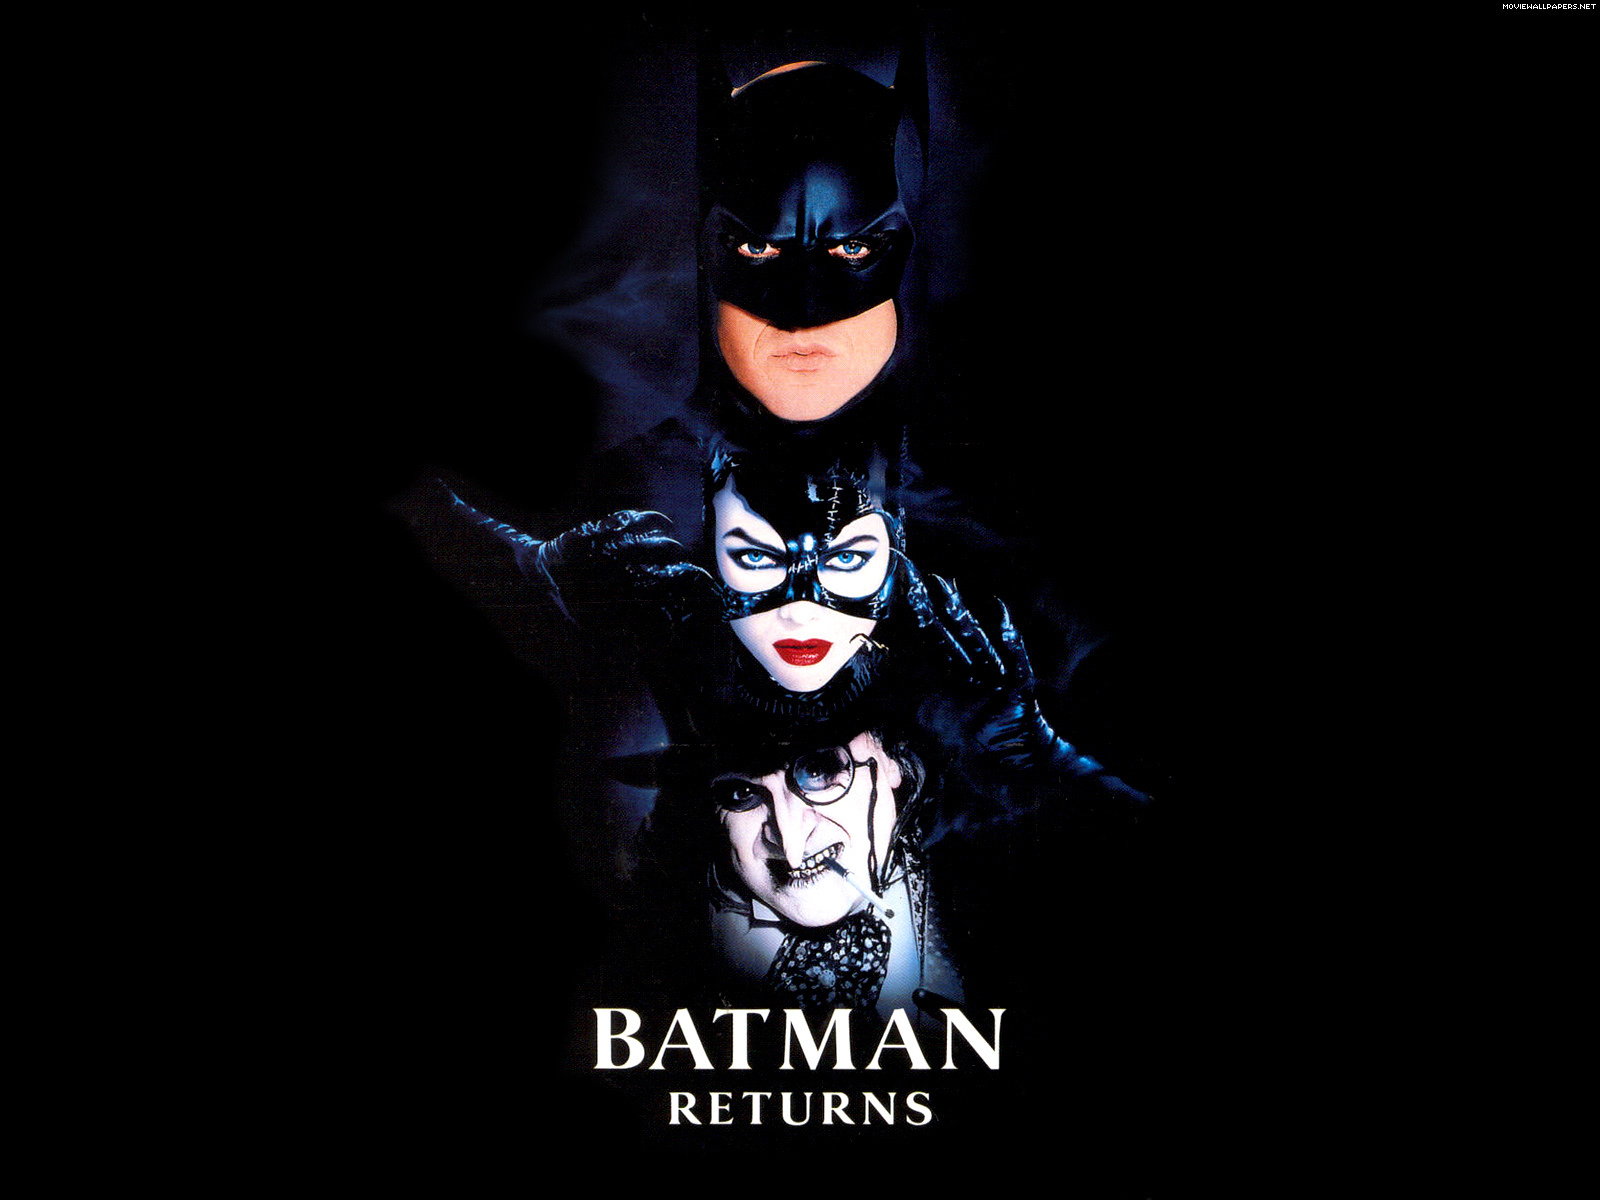 Batman Returns Character Wallpaper   Batman Returns Wallpaper 1600x1200